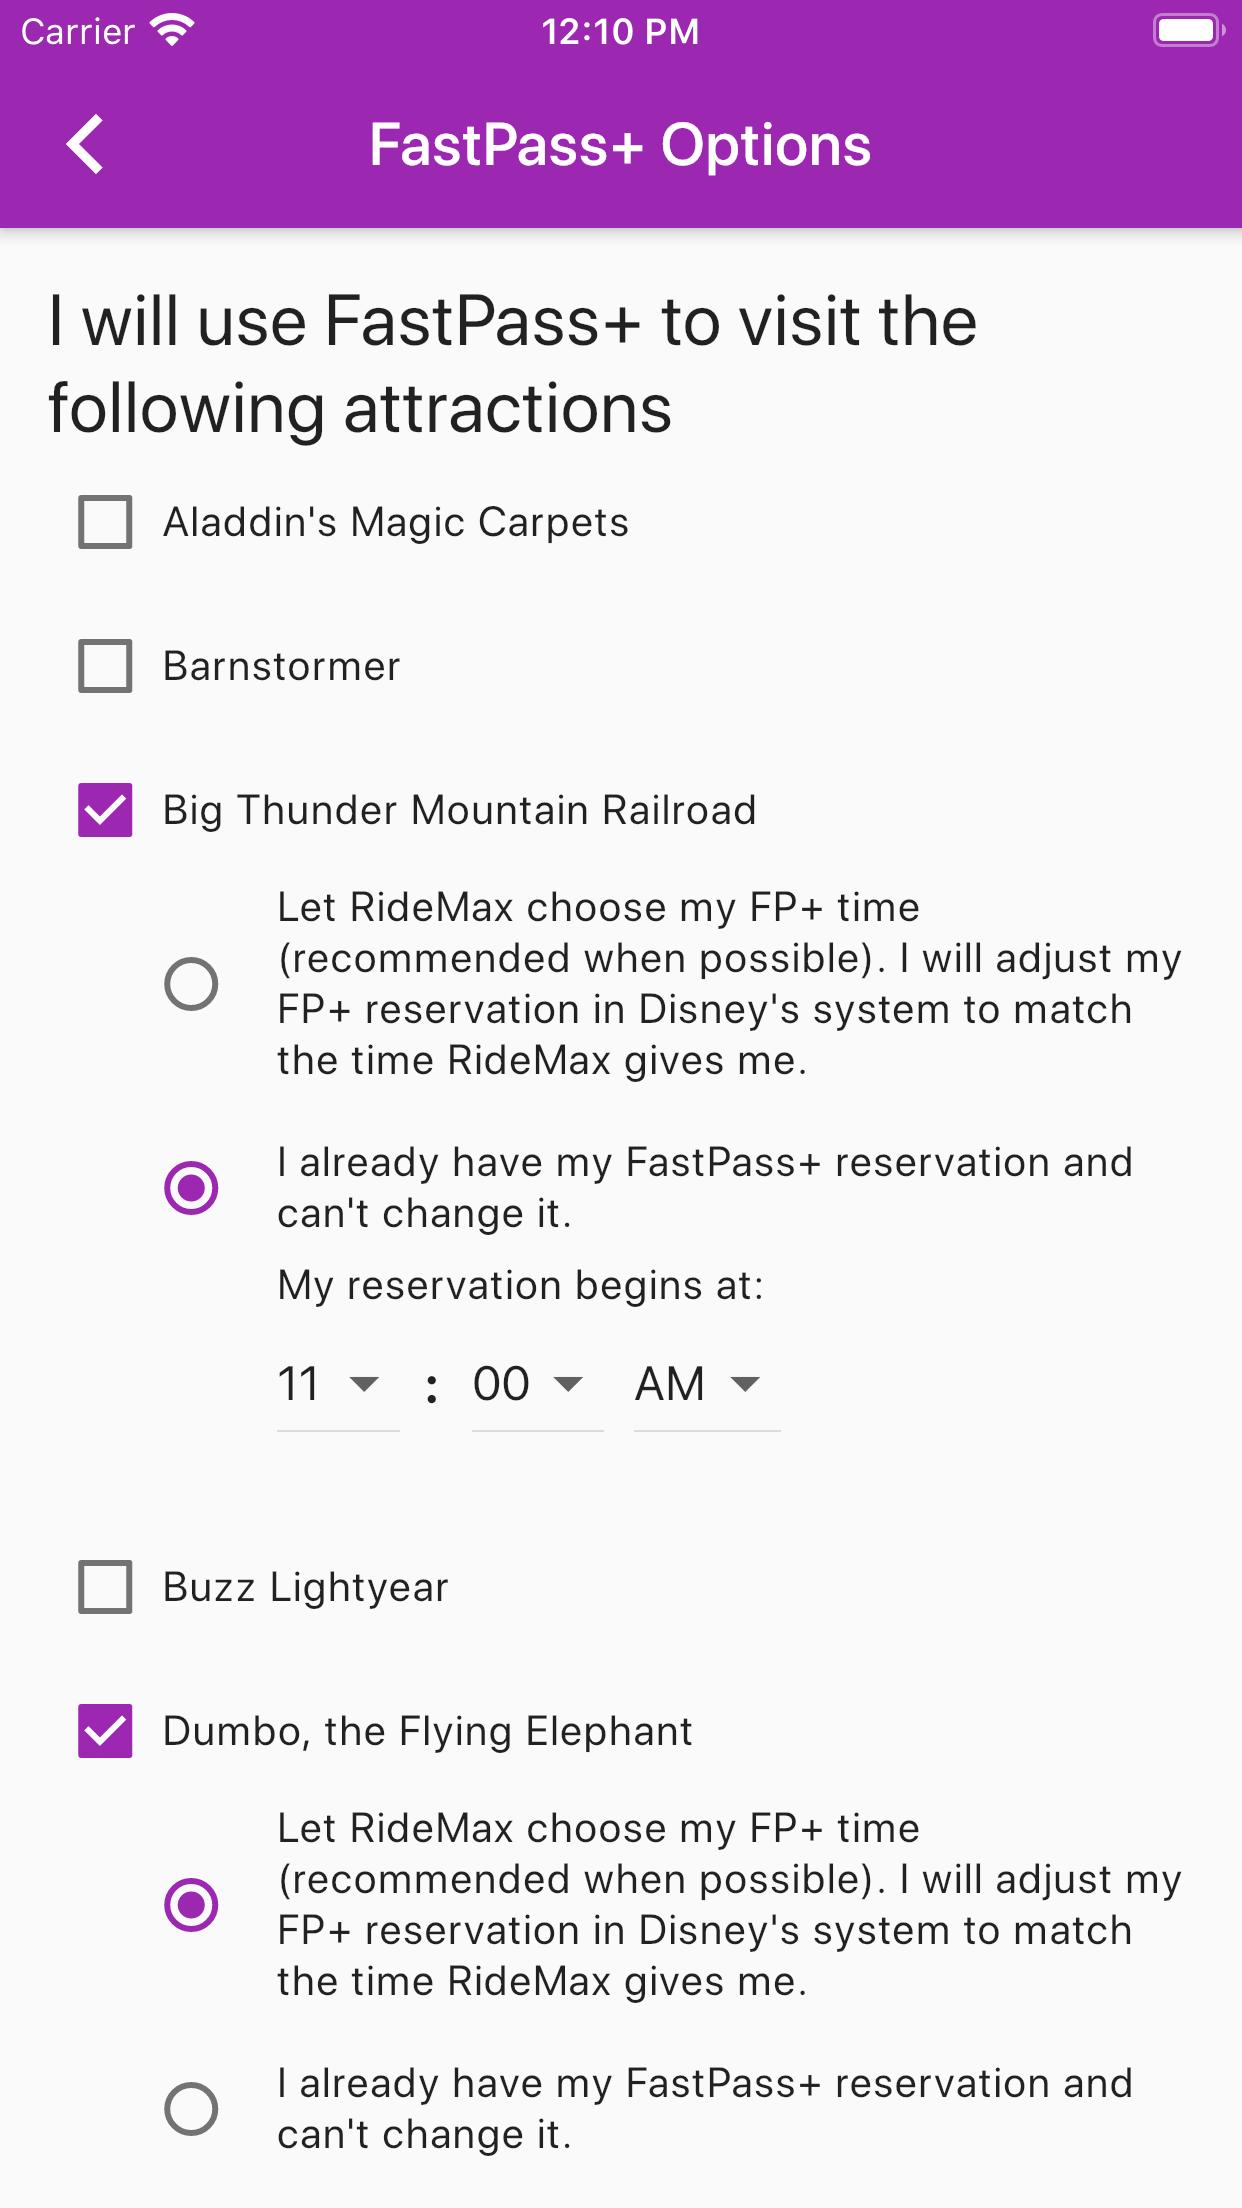 RideMax App - FastPass+ Options